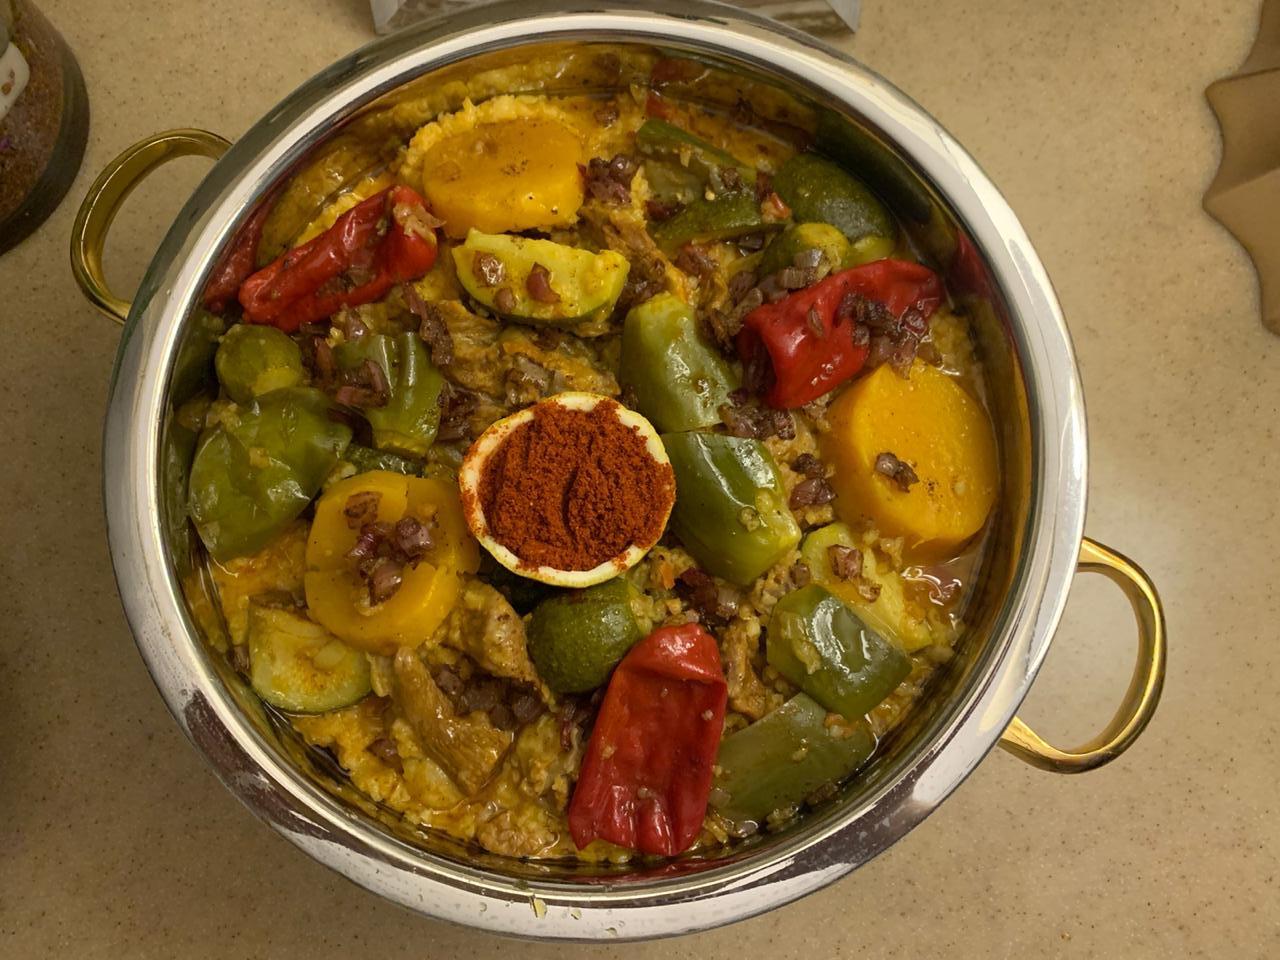 طبق التمن من اعداد آمال المقبل وهو أحد أبرز رموز المطبخ الشعبي السعودي.JPG